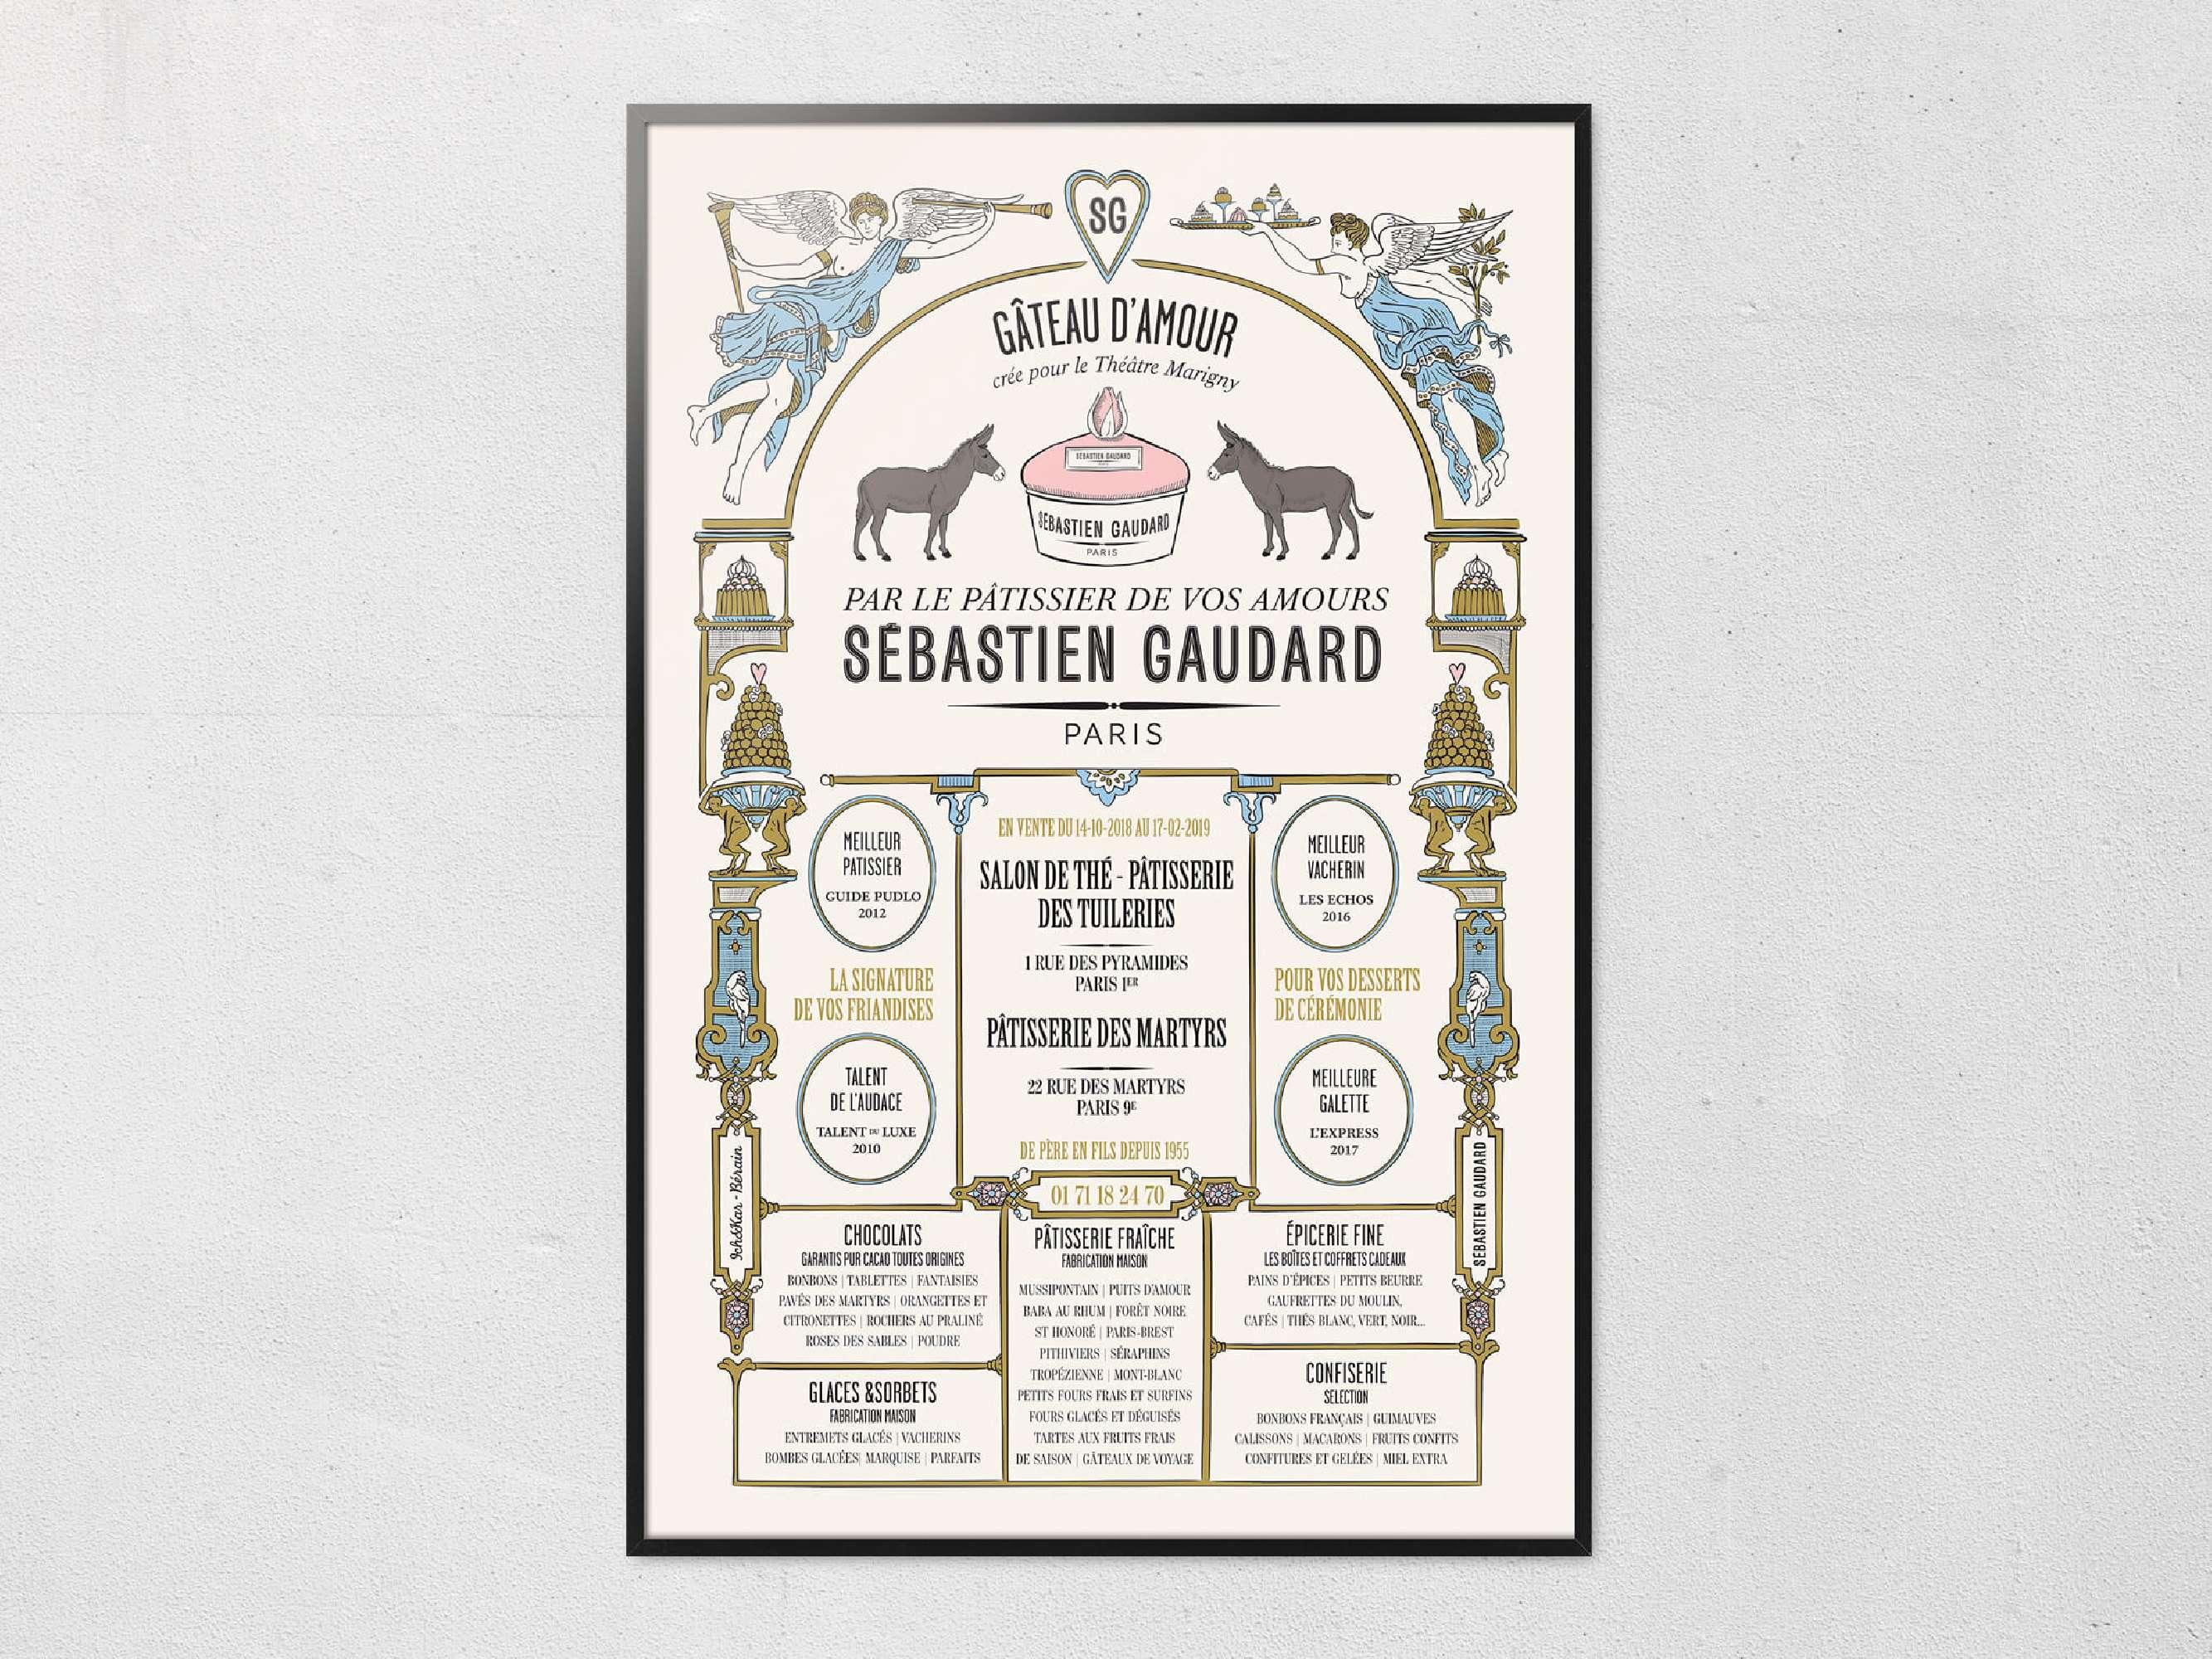 Poster comme une affiche ancienne dessinée par Ich&kar pour le patissier Sébastien Gaudard